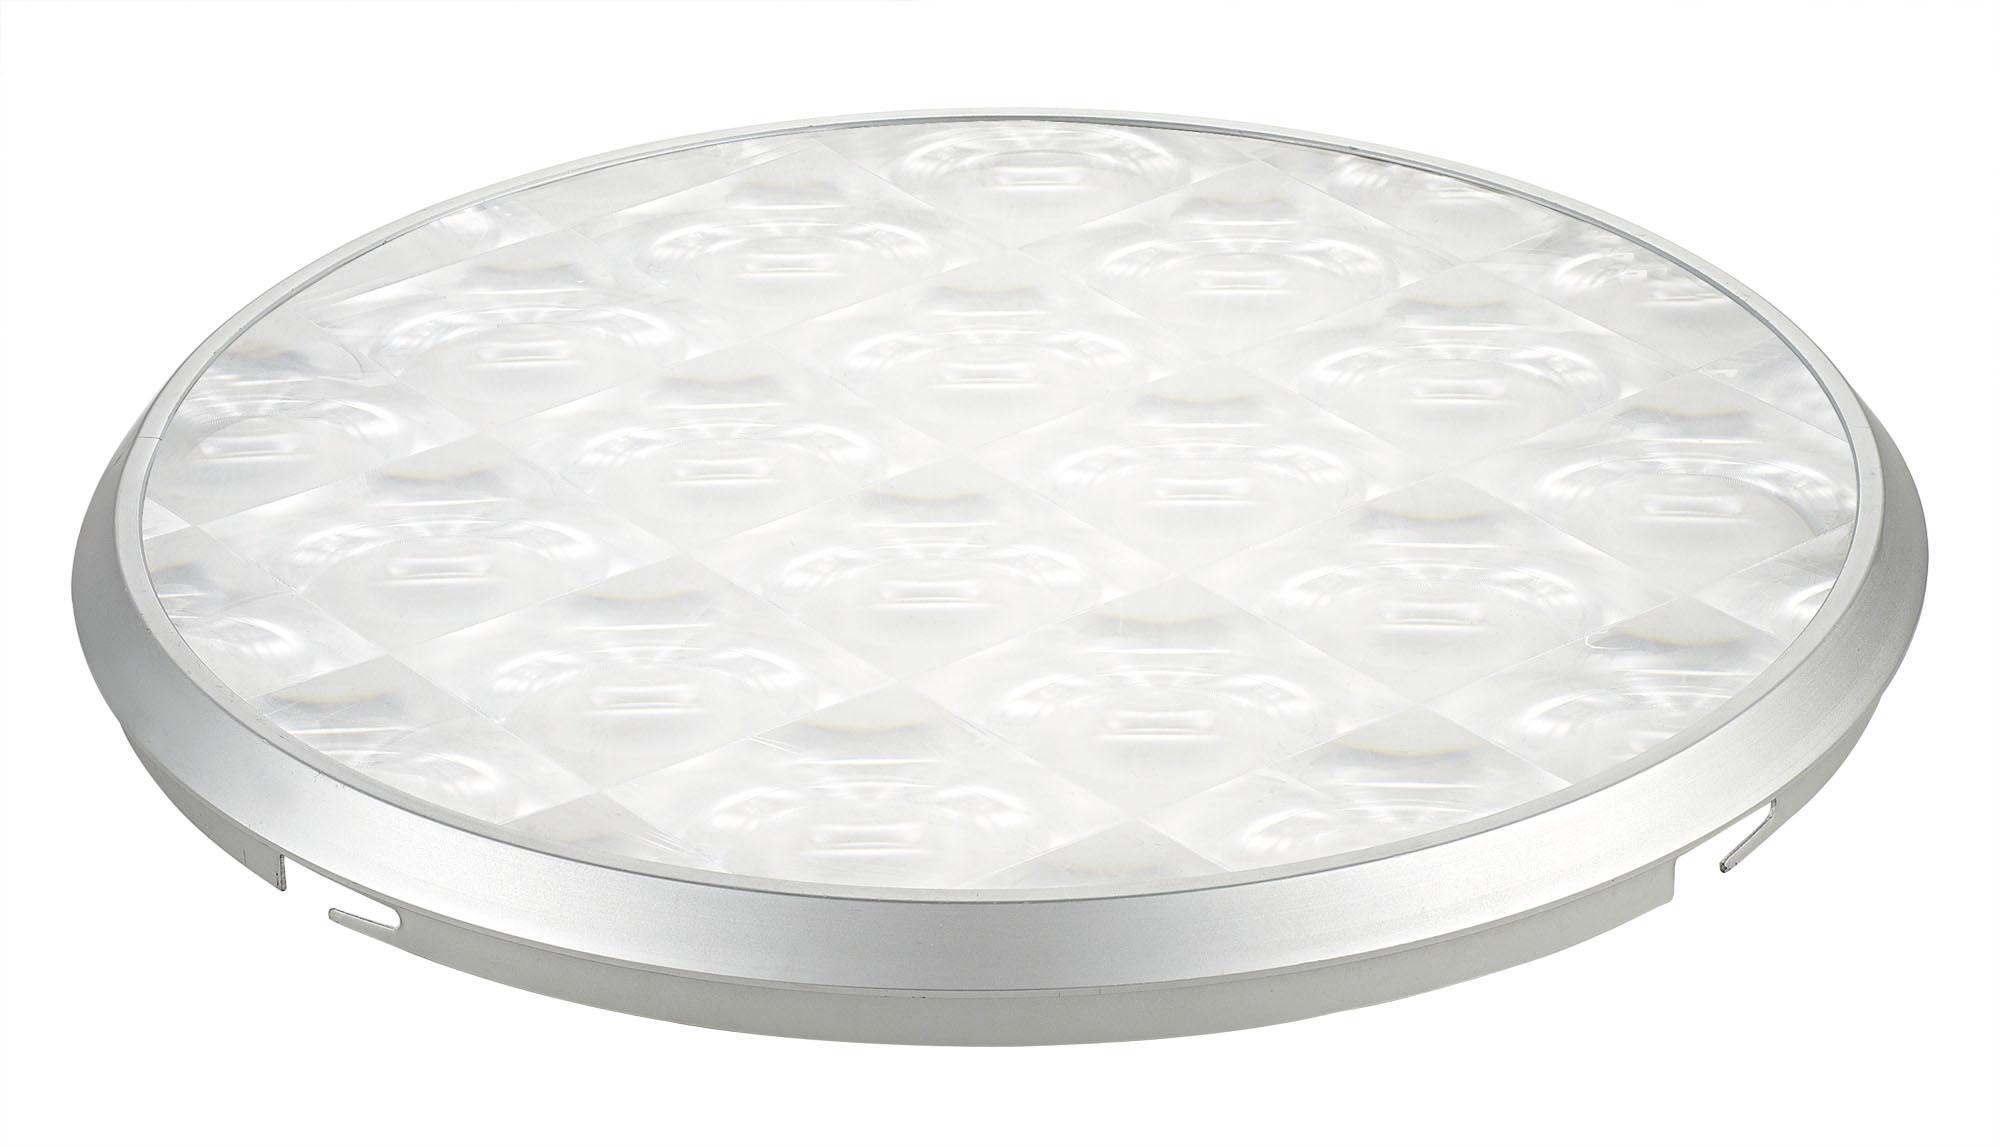 圆形漫射器-无电照明系统